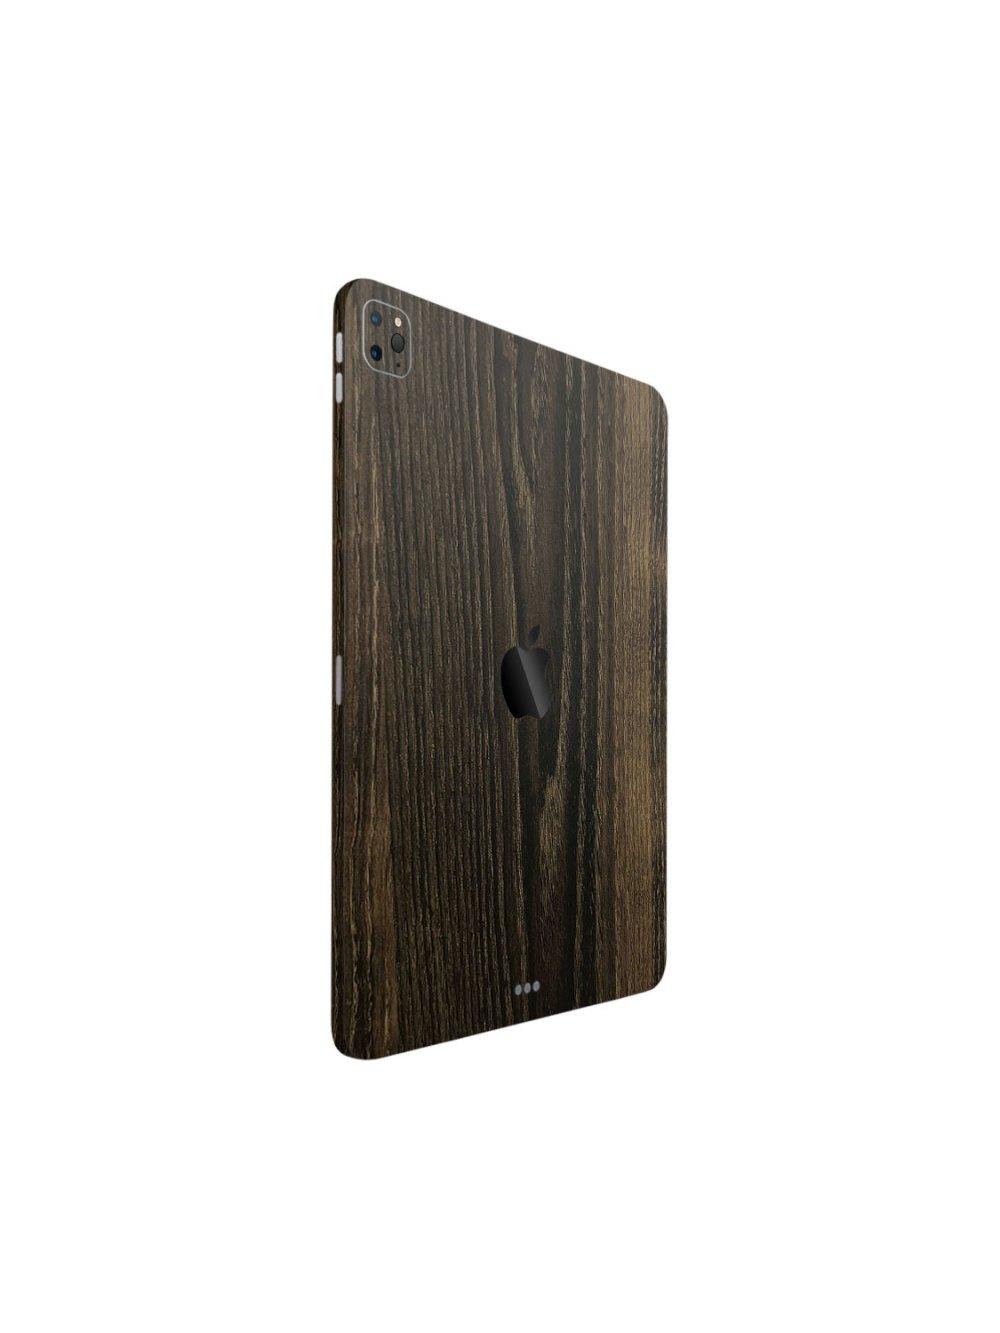 Apple iPad Pro 12.9-inch 2020 Gen 4 Skin Wrap